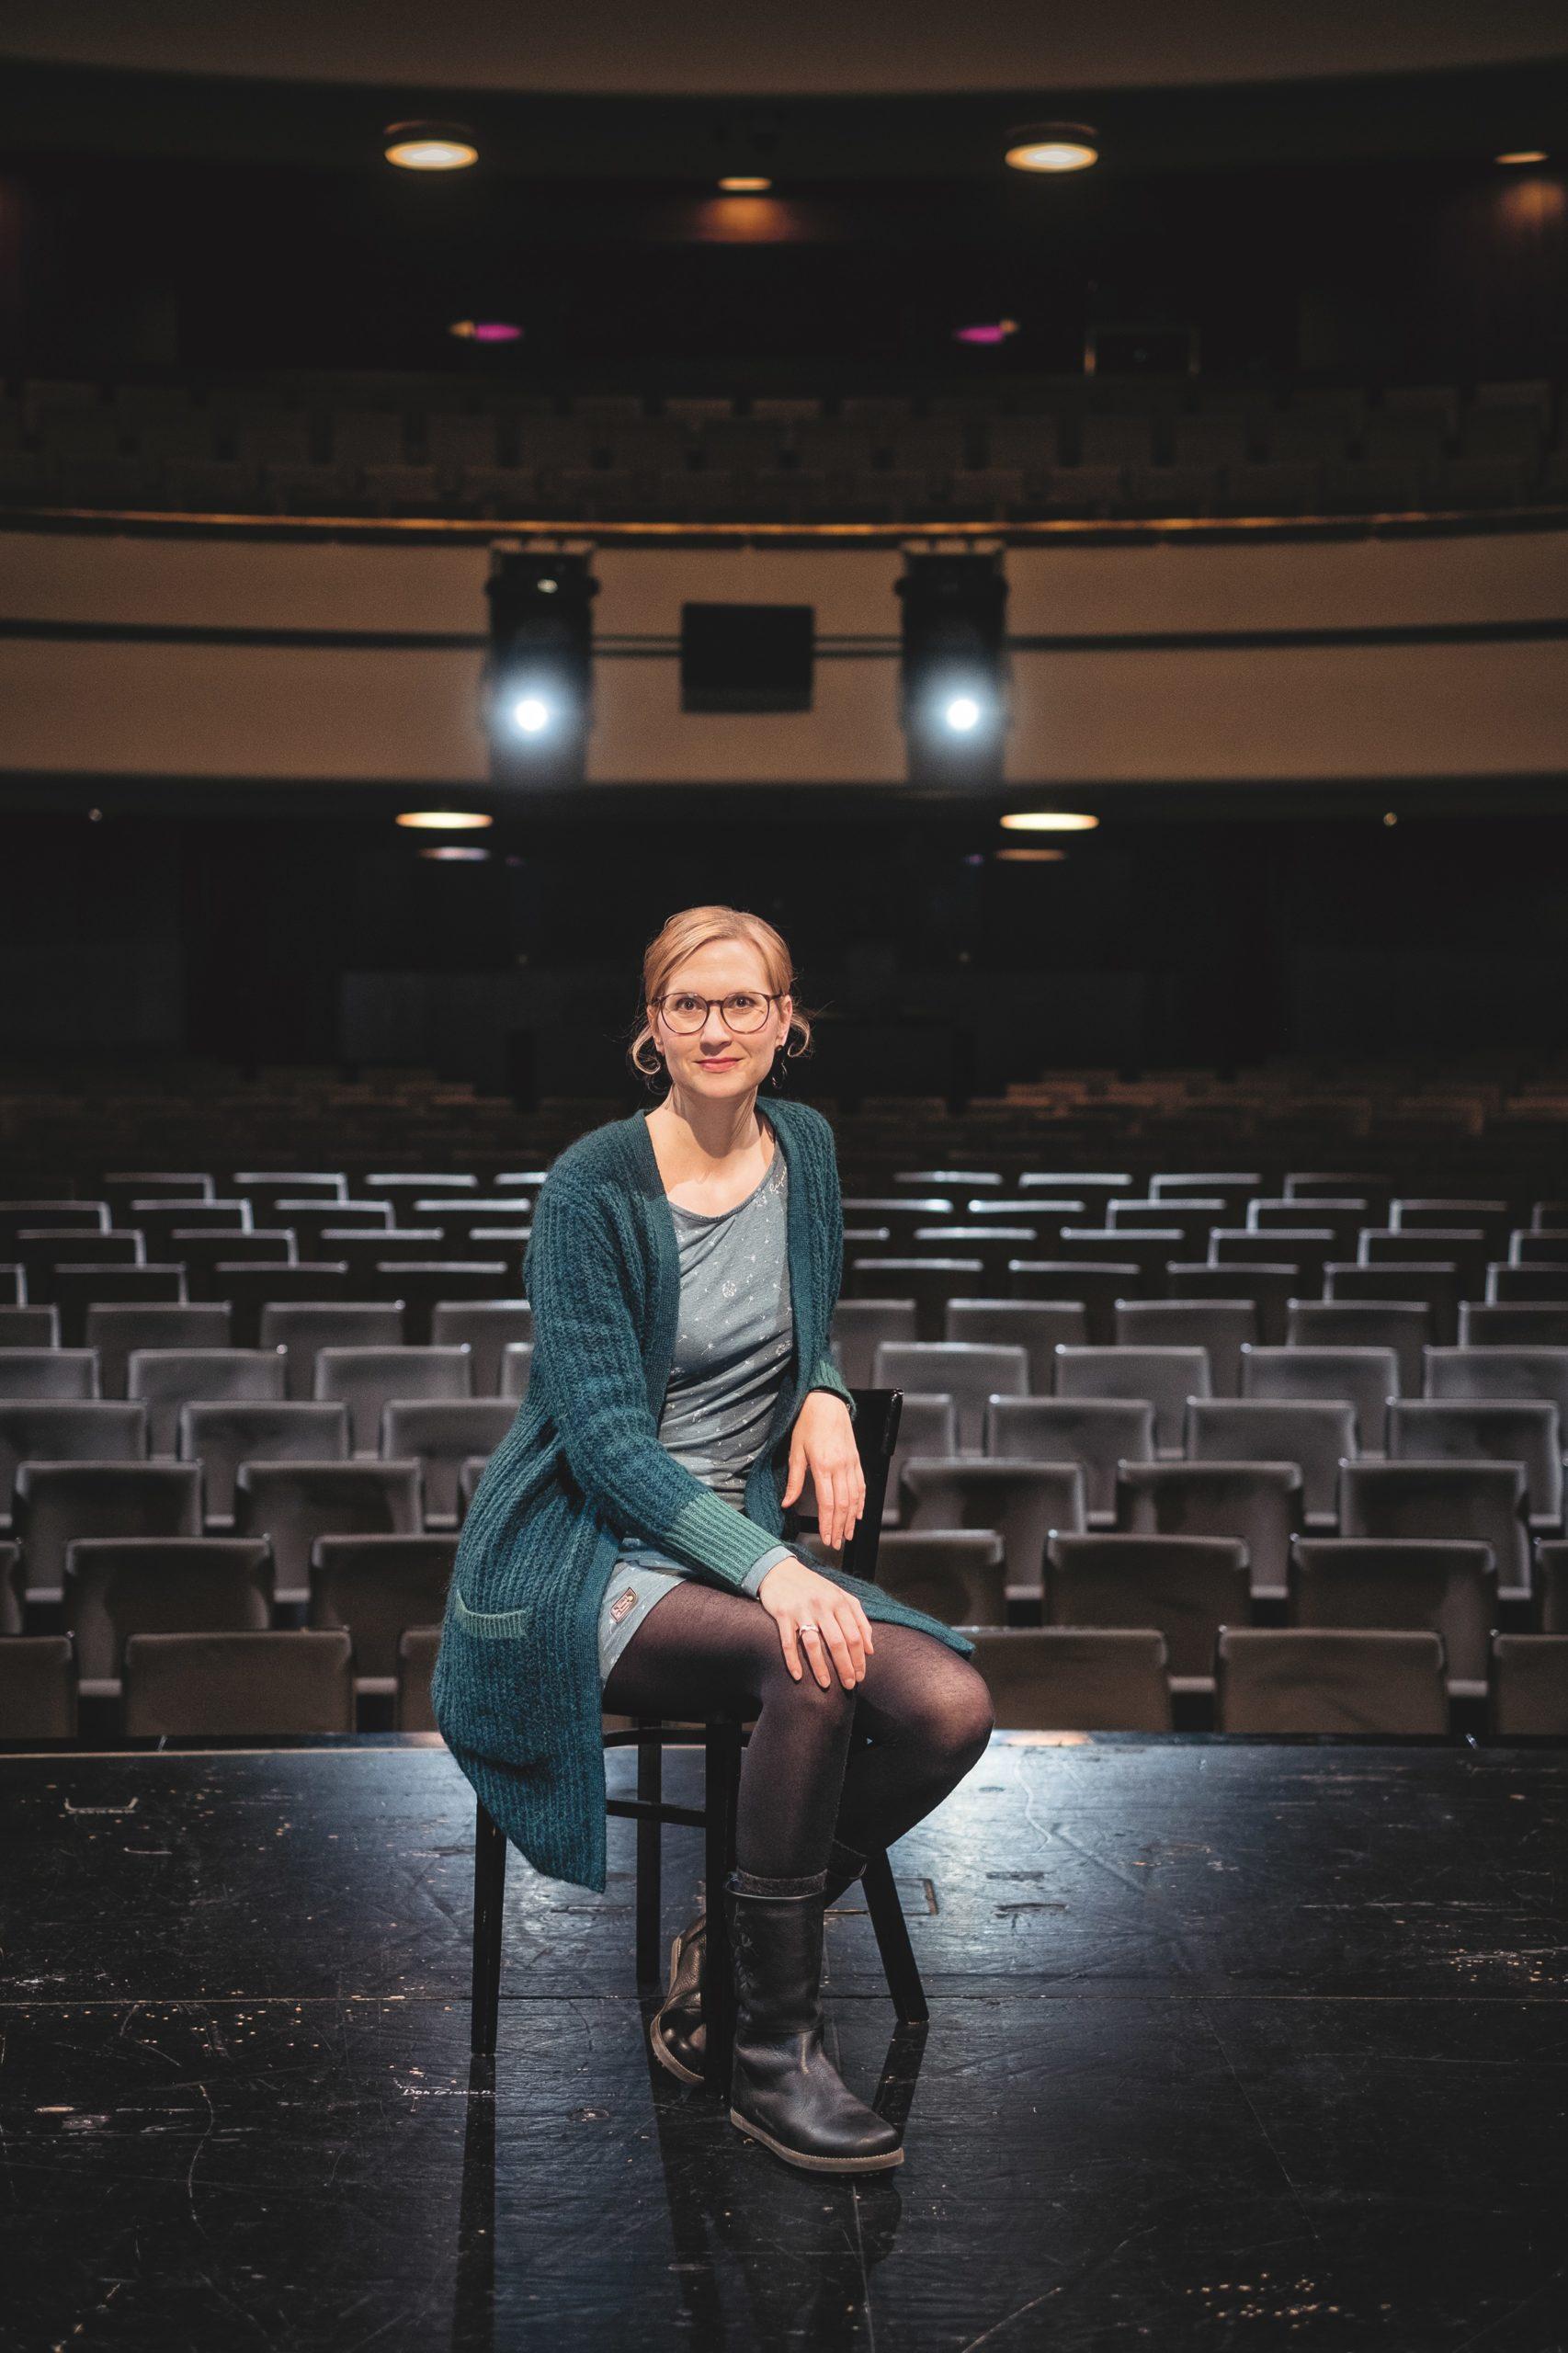 Bild zeigt: Rike Oberländer. Sie sitzt im leeren Theater auf der Bühne auf einem Stuhl